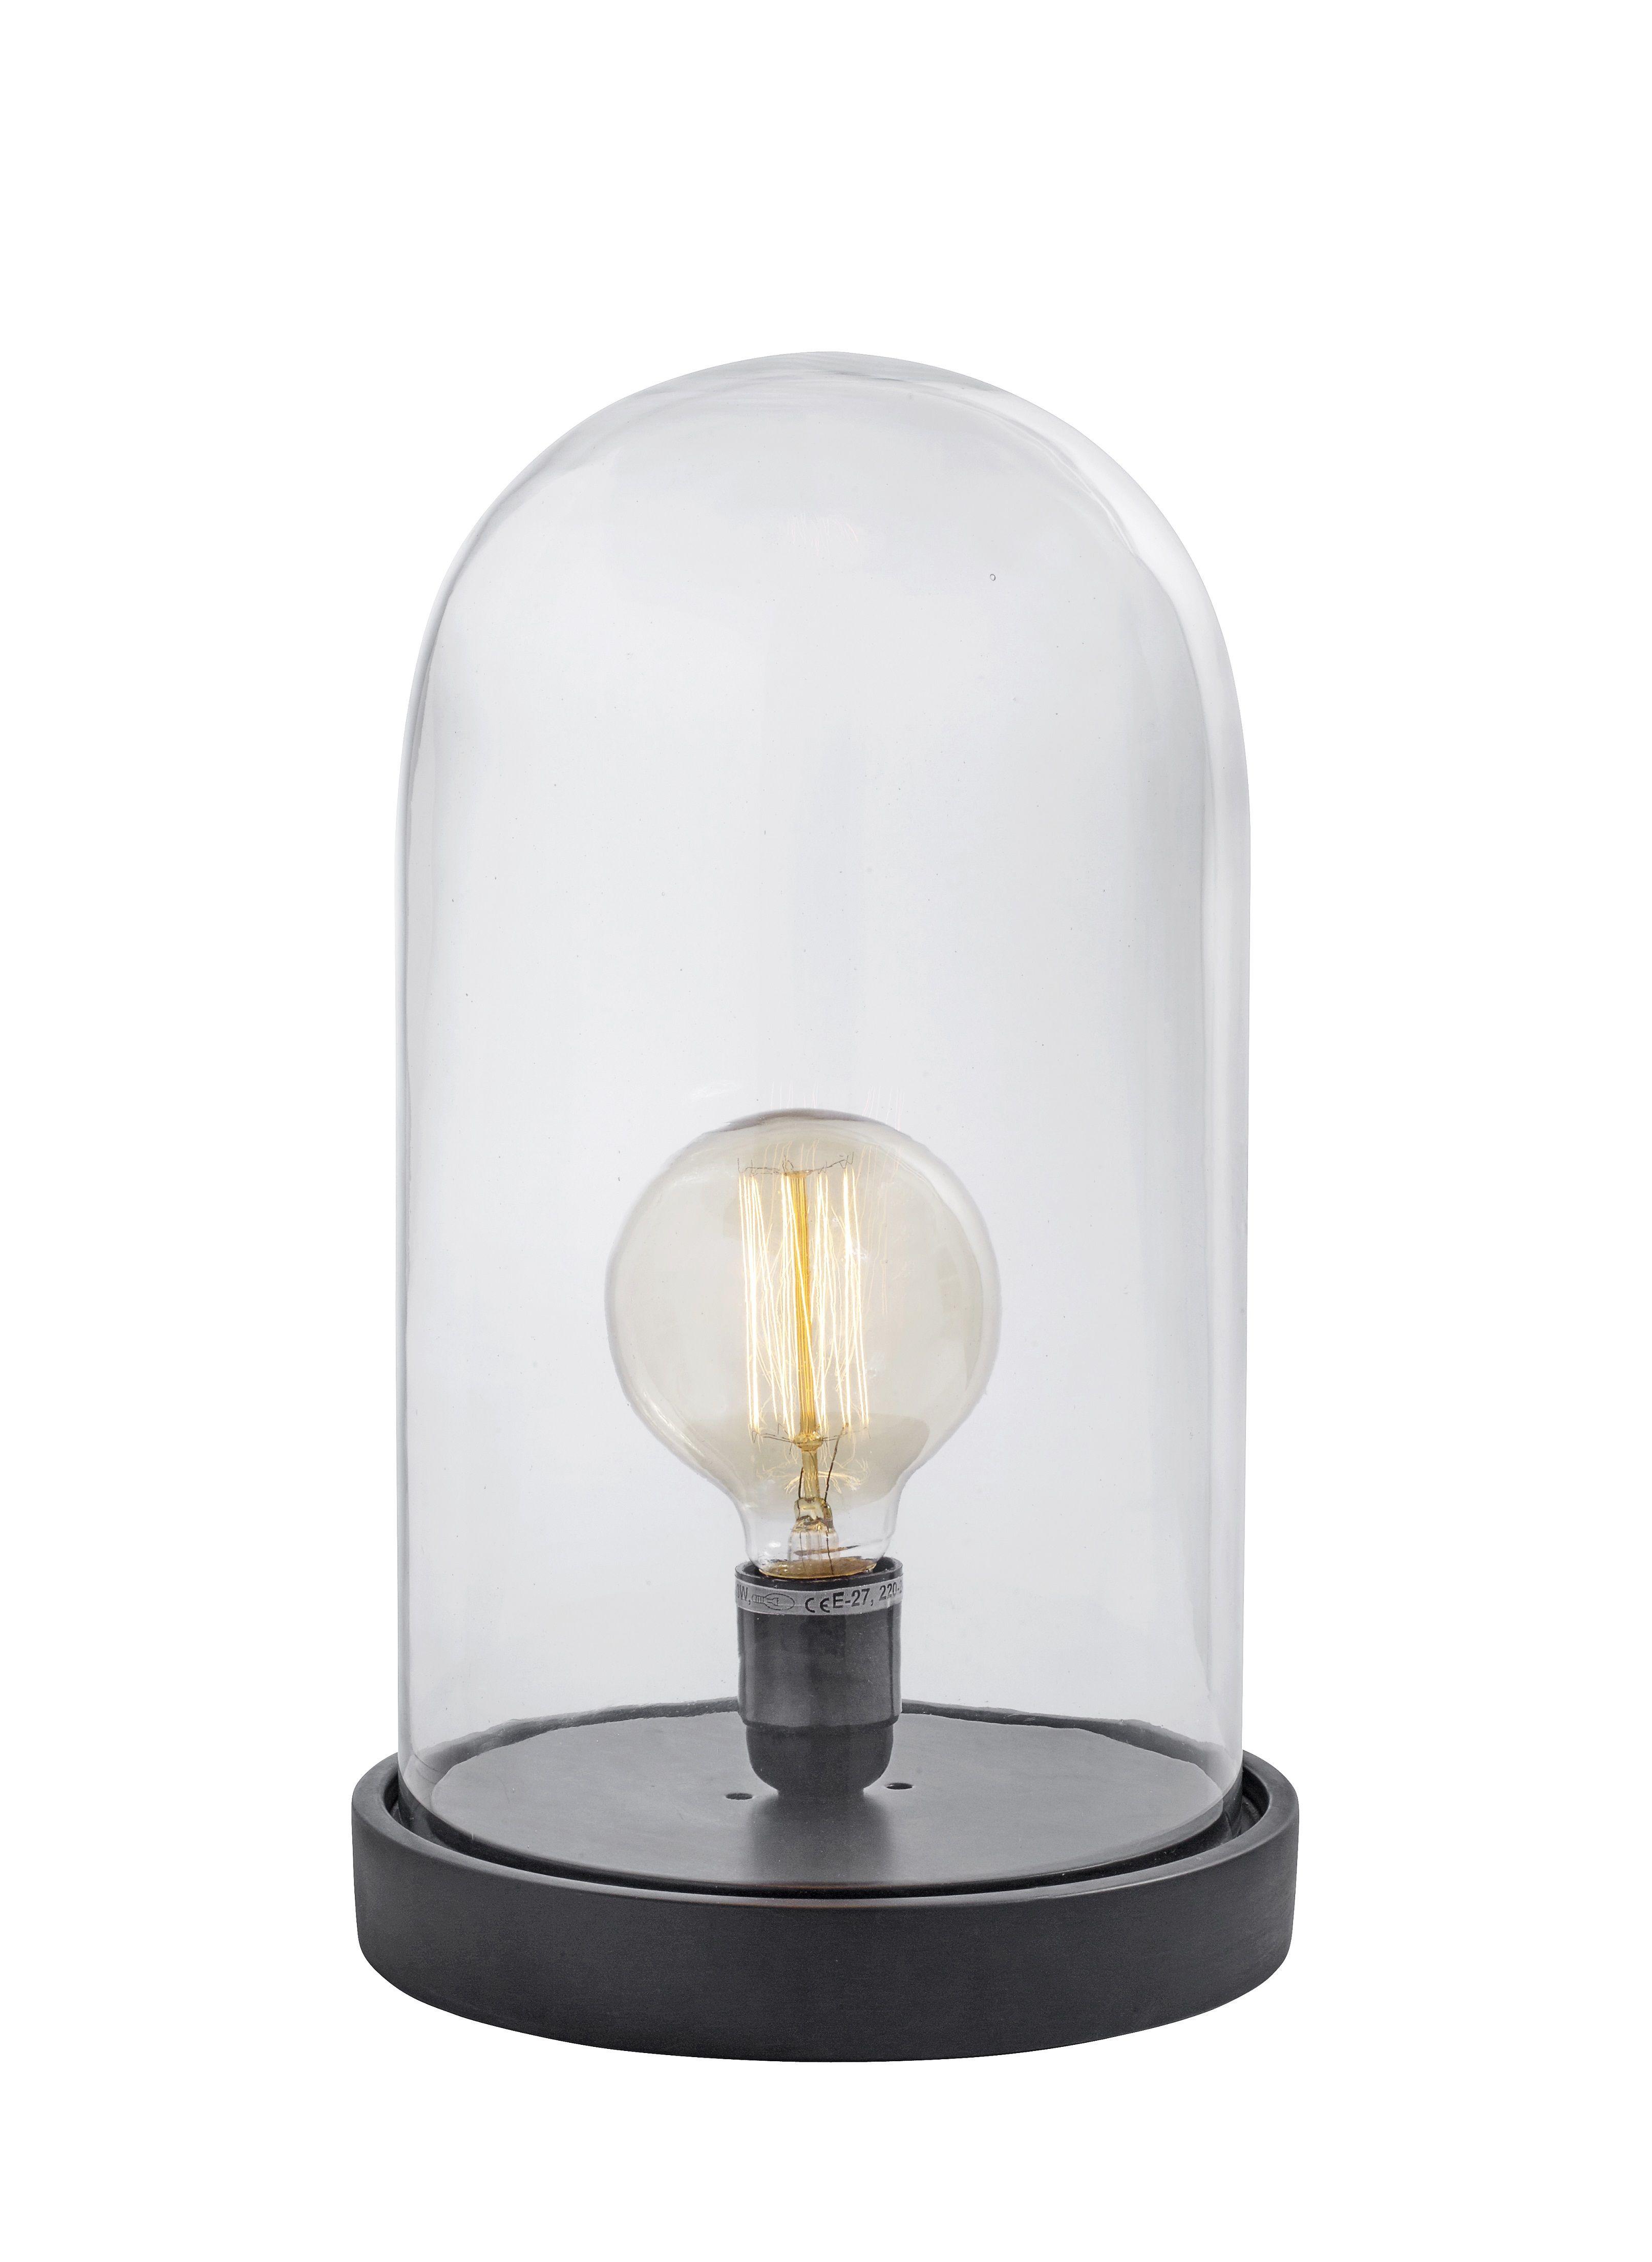 Tischlampe DOME Holz schwarz groß Lampen, Holz